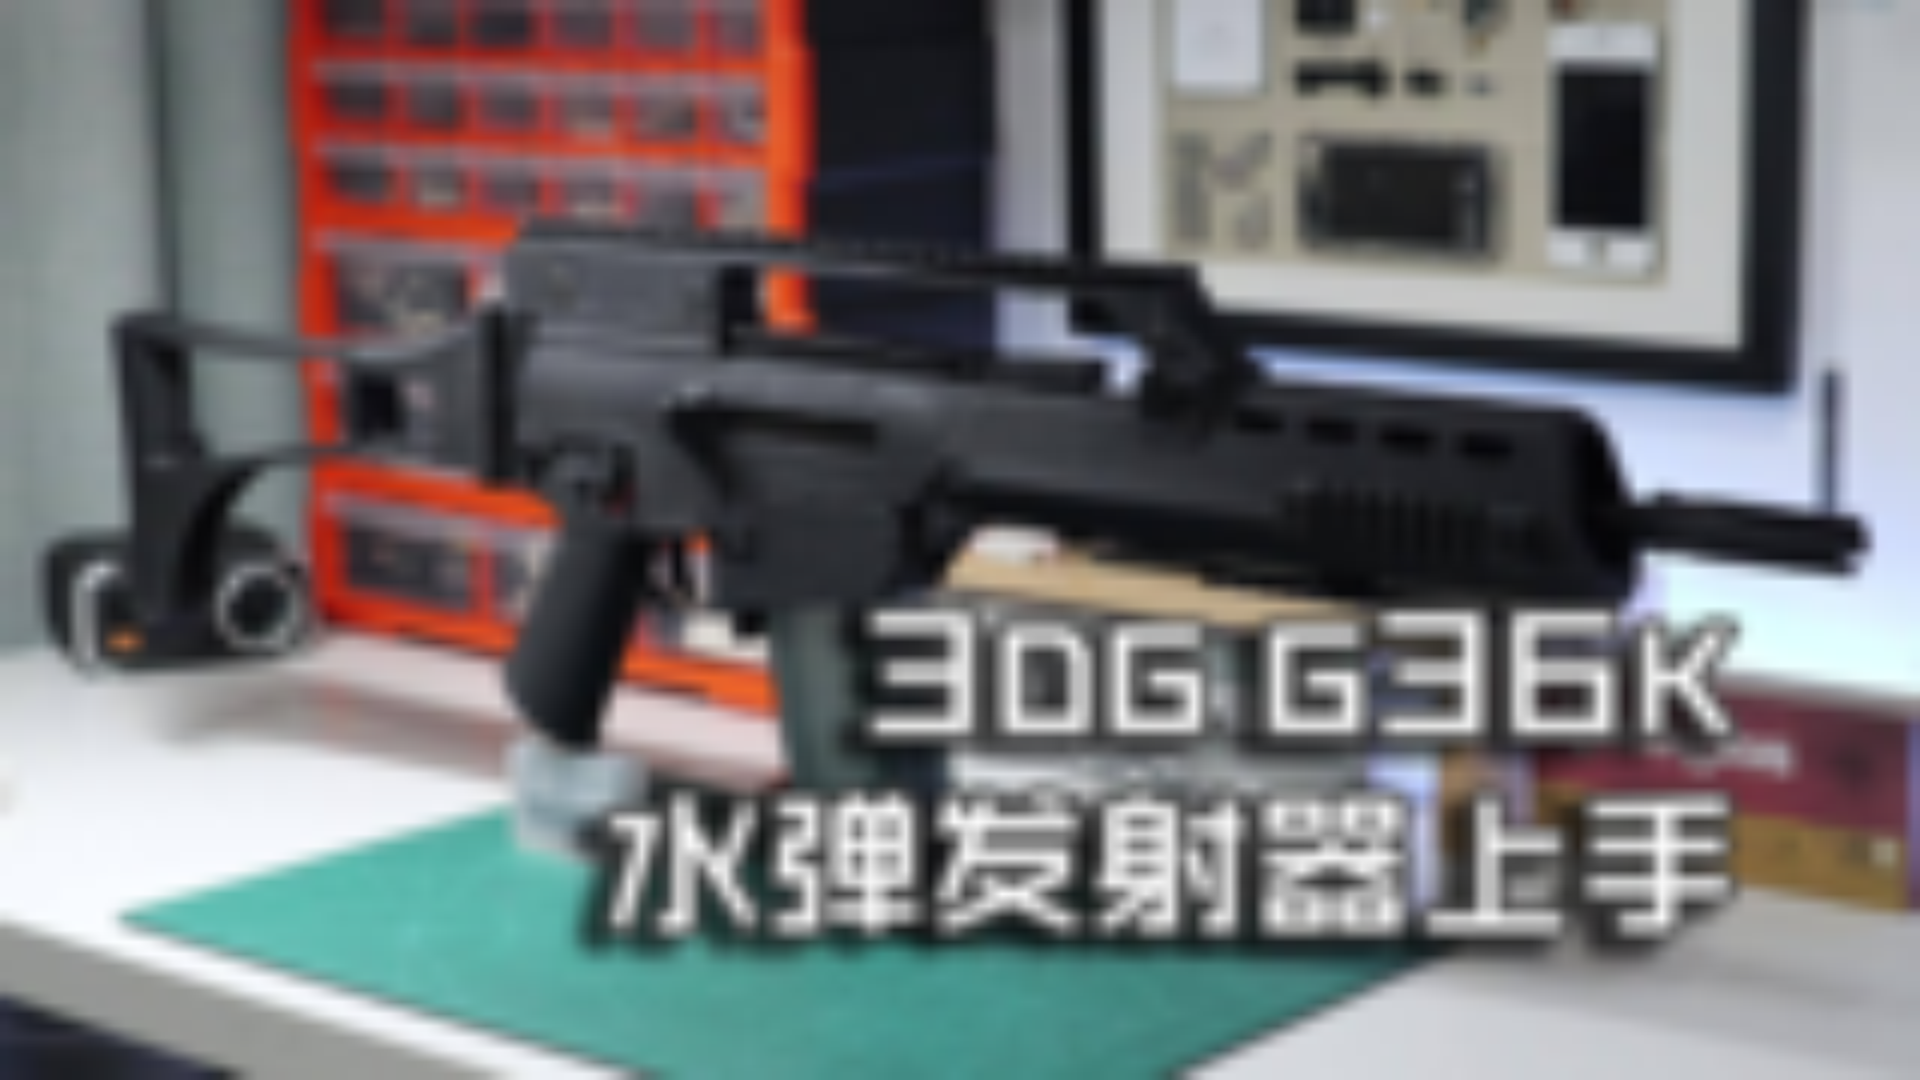 【玩弹】硬了,真的硬了——3DG G36K水弹发射器上手